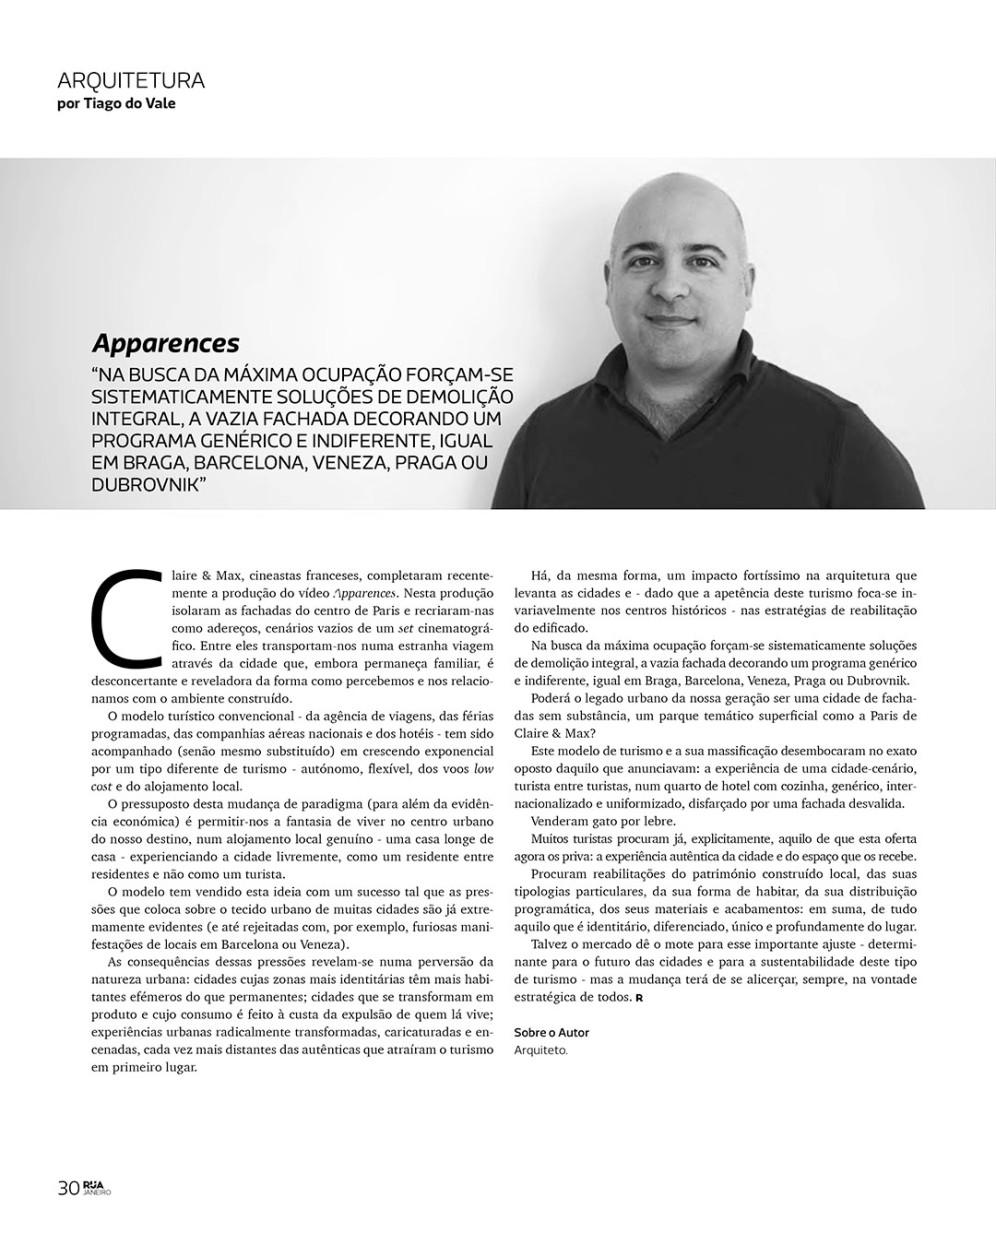 Revista Rua 23, 30